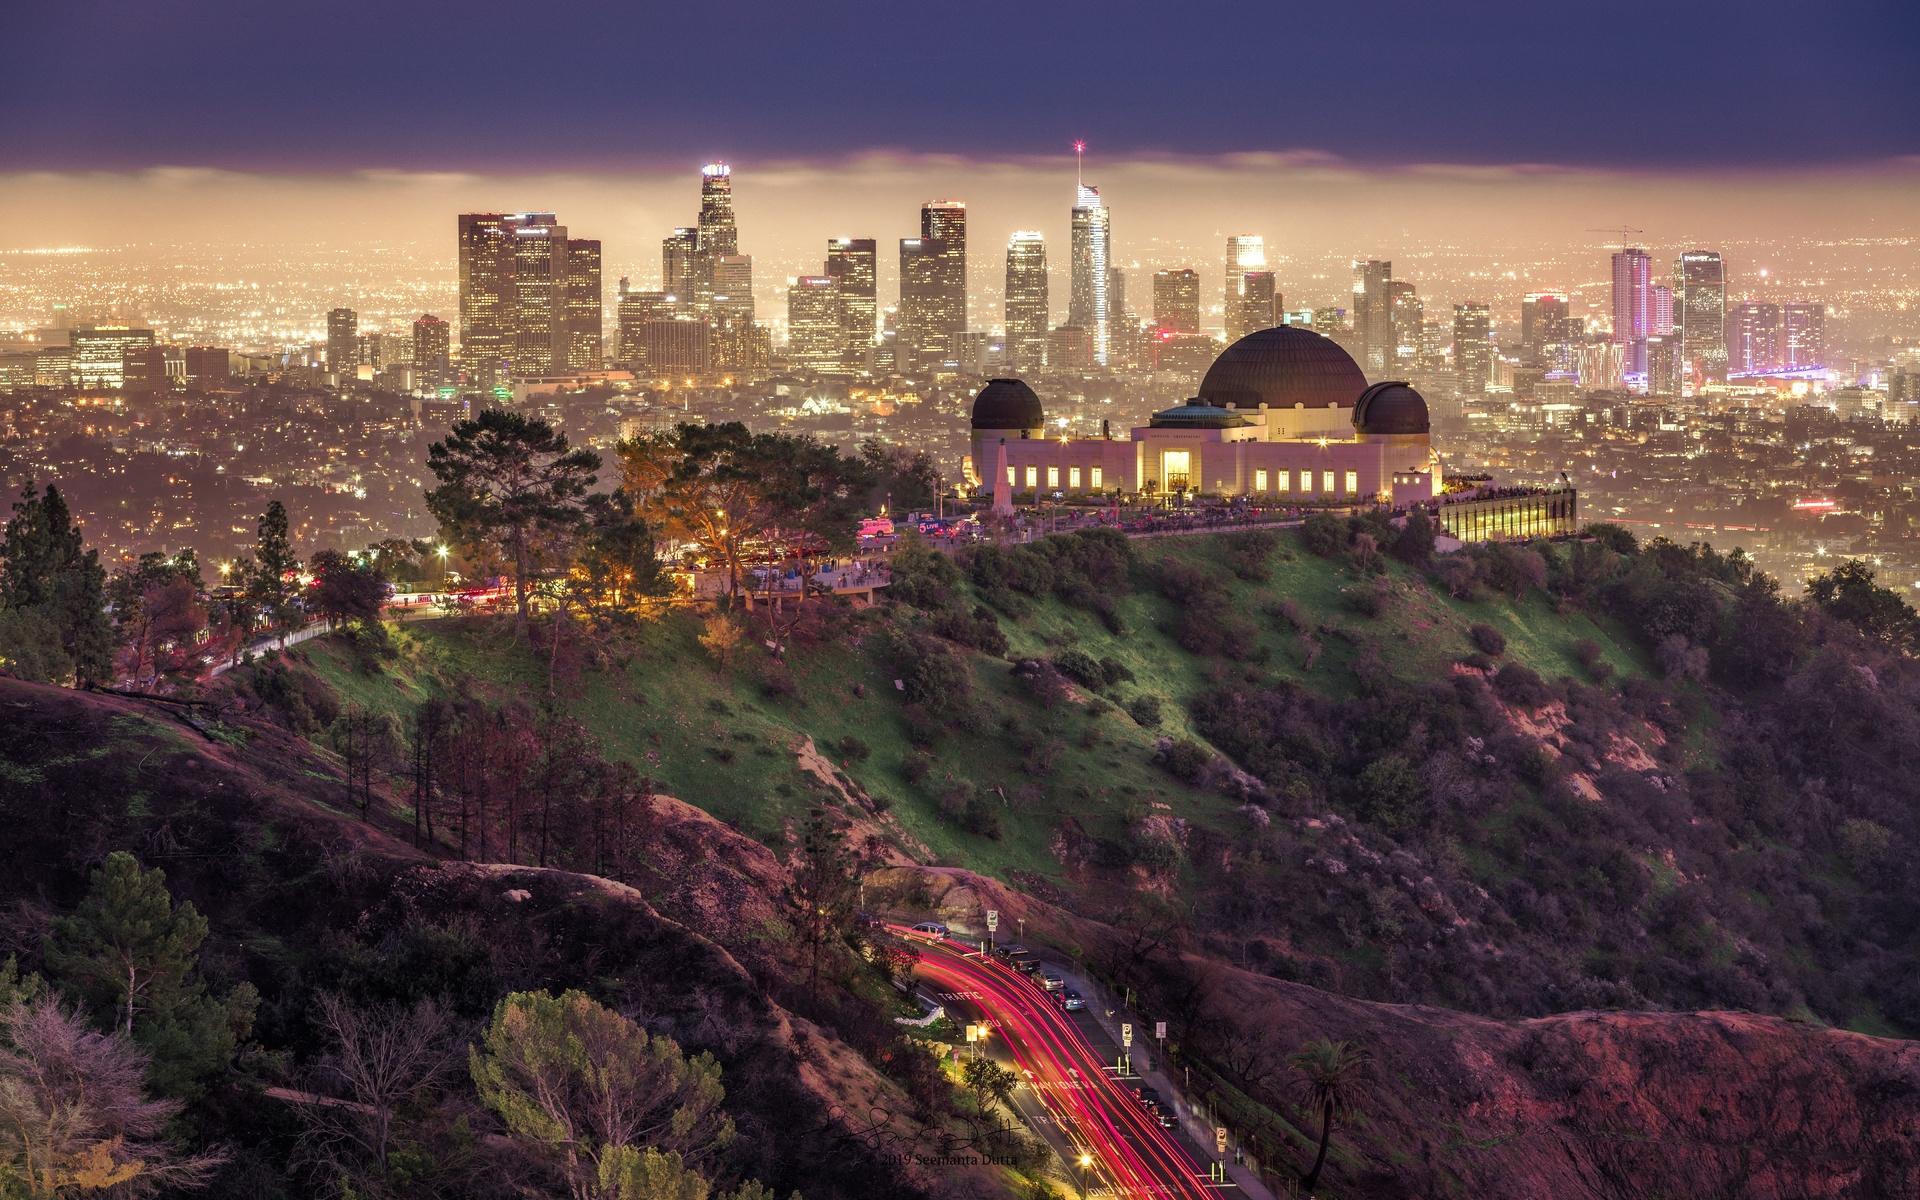 дорога, ночь, город, парк, здания, дома, освещение, сша, лос-анджелес, griffith park, гриффит парк